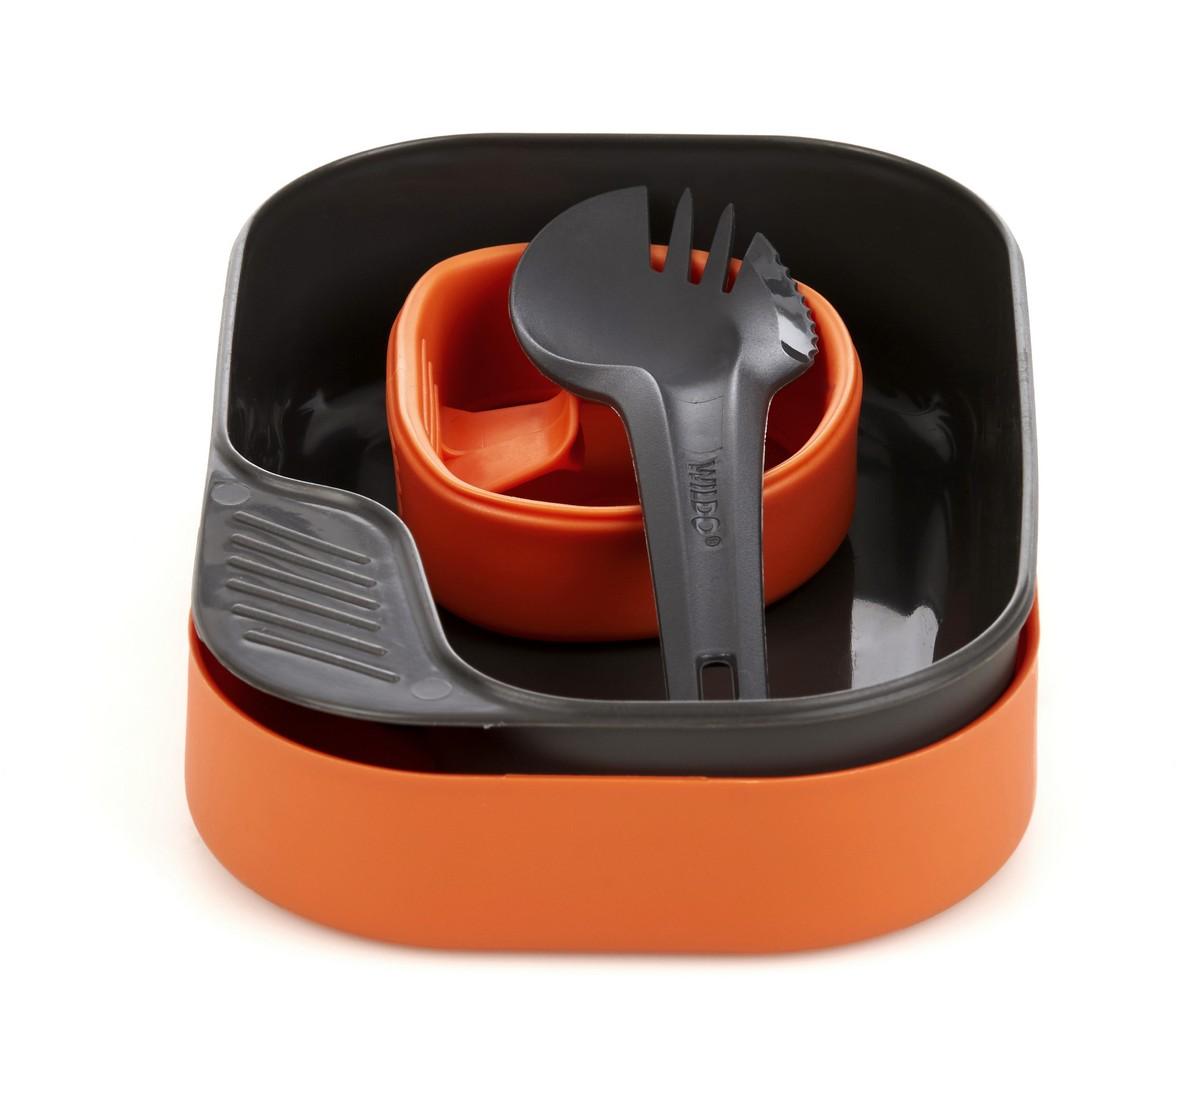 Набор посуды Wildo Camp-a-Box Light, портативный, цвет: оранжевый. W20262